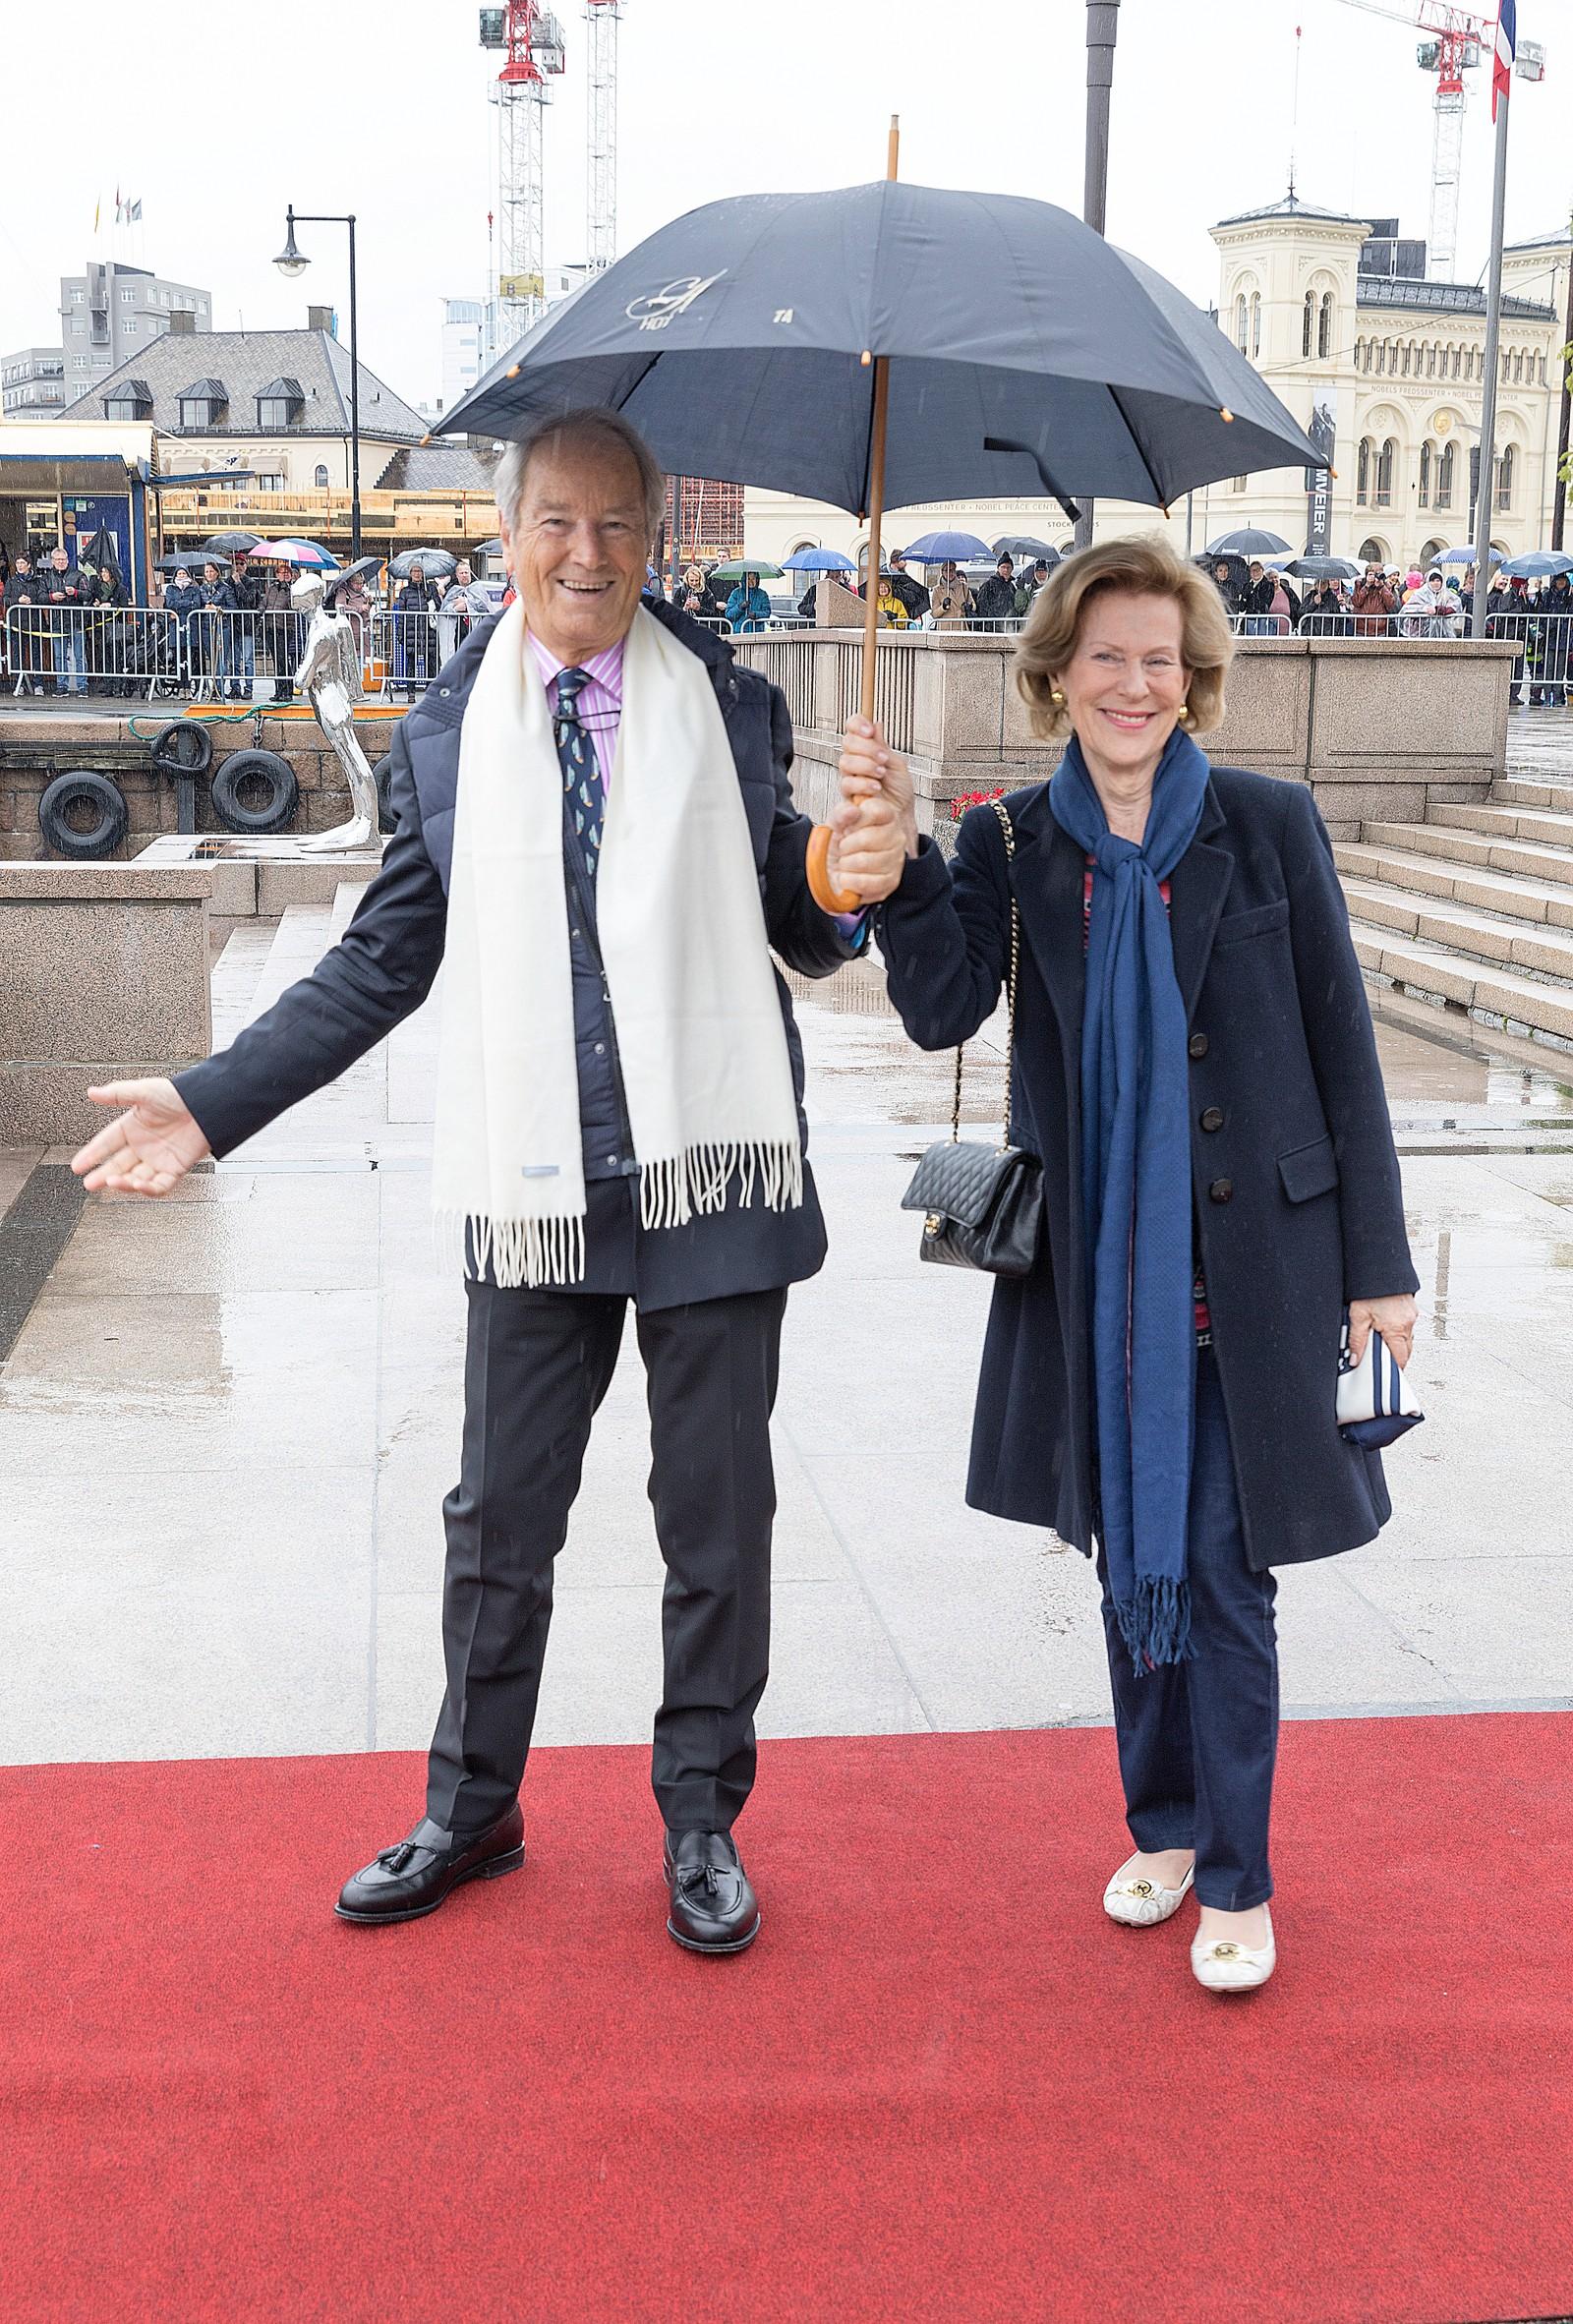 Bernhard Mach og Madeleiene Bernadotte Kogevinas, ved avreise fra honnørbrygga i Oslo på tur til lunsj på Kongeskipet Norge onsdag.